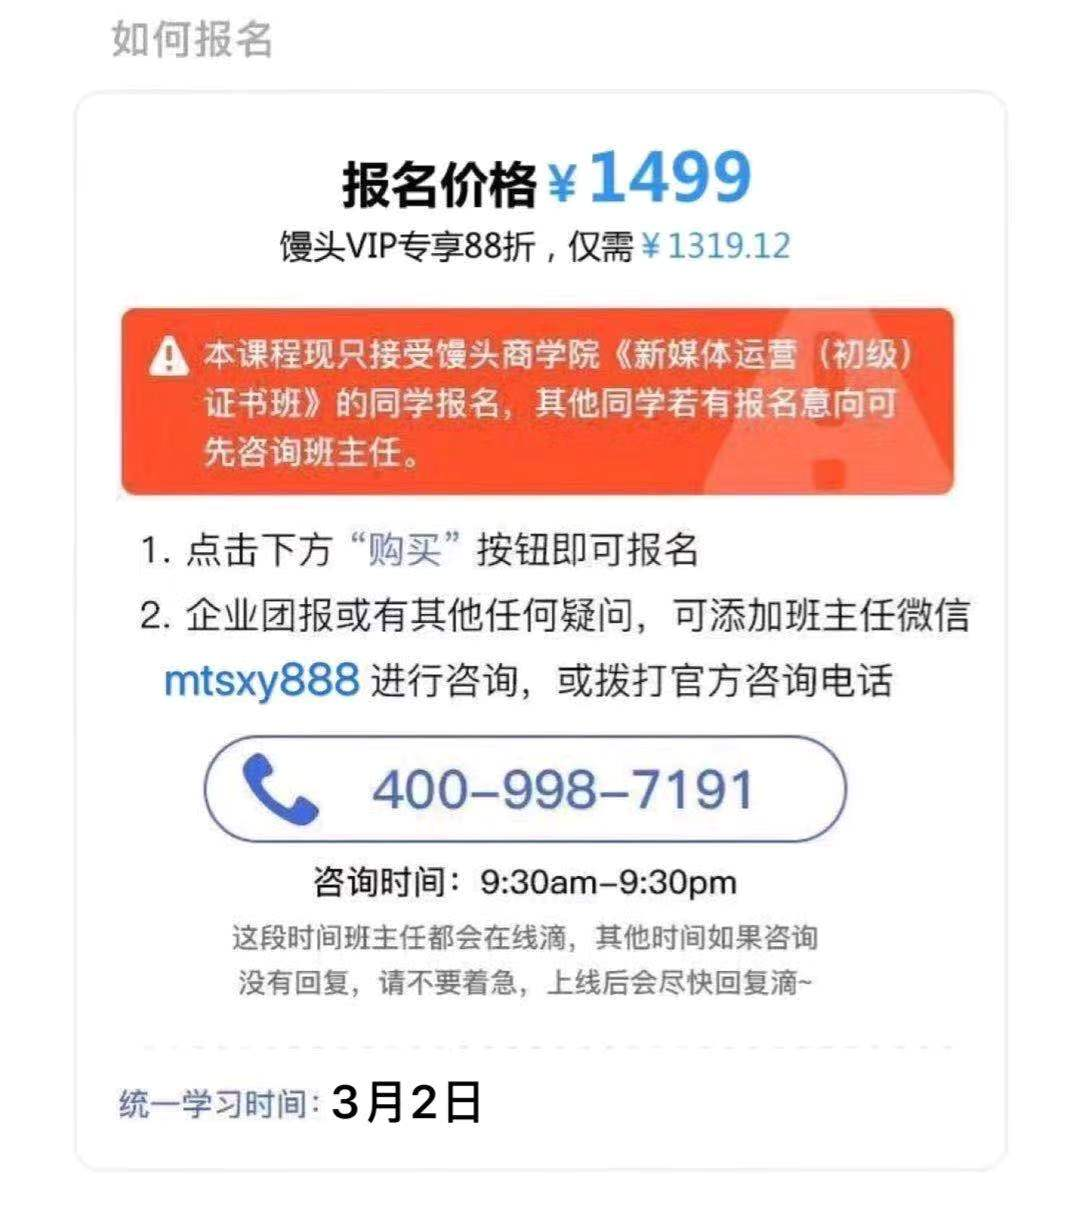 http://mtedu-img.oss-cn-beijing-internal.aliyuncs.com/ueditor/20200204101503_200866.jpeg